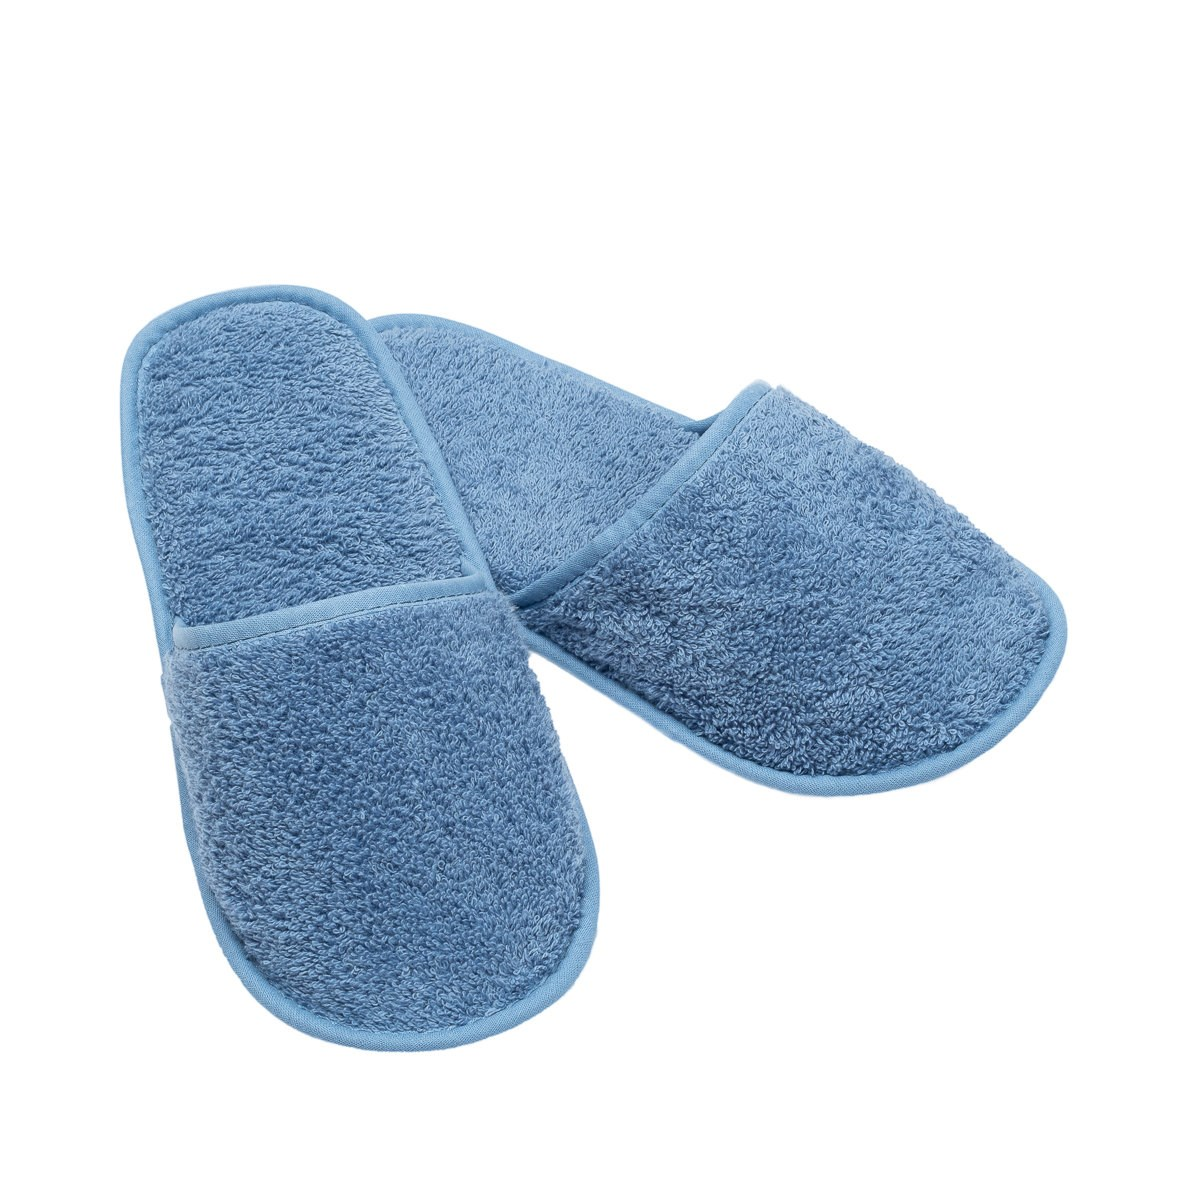 Chausson de bain en eponge bleu ciel taille 42 (photo)